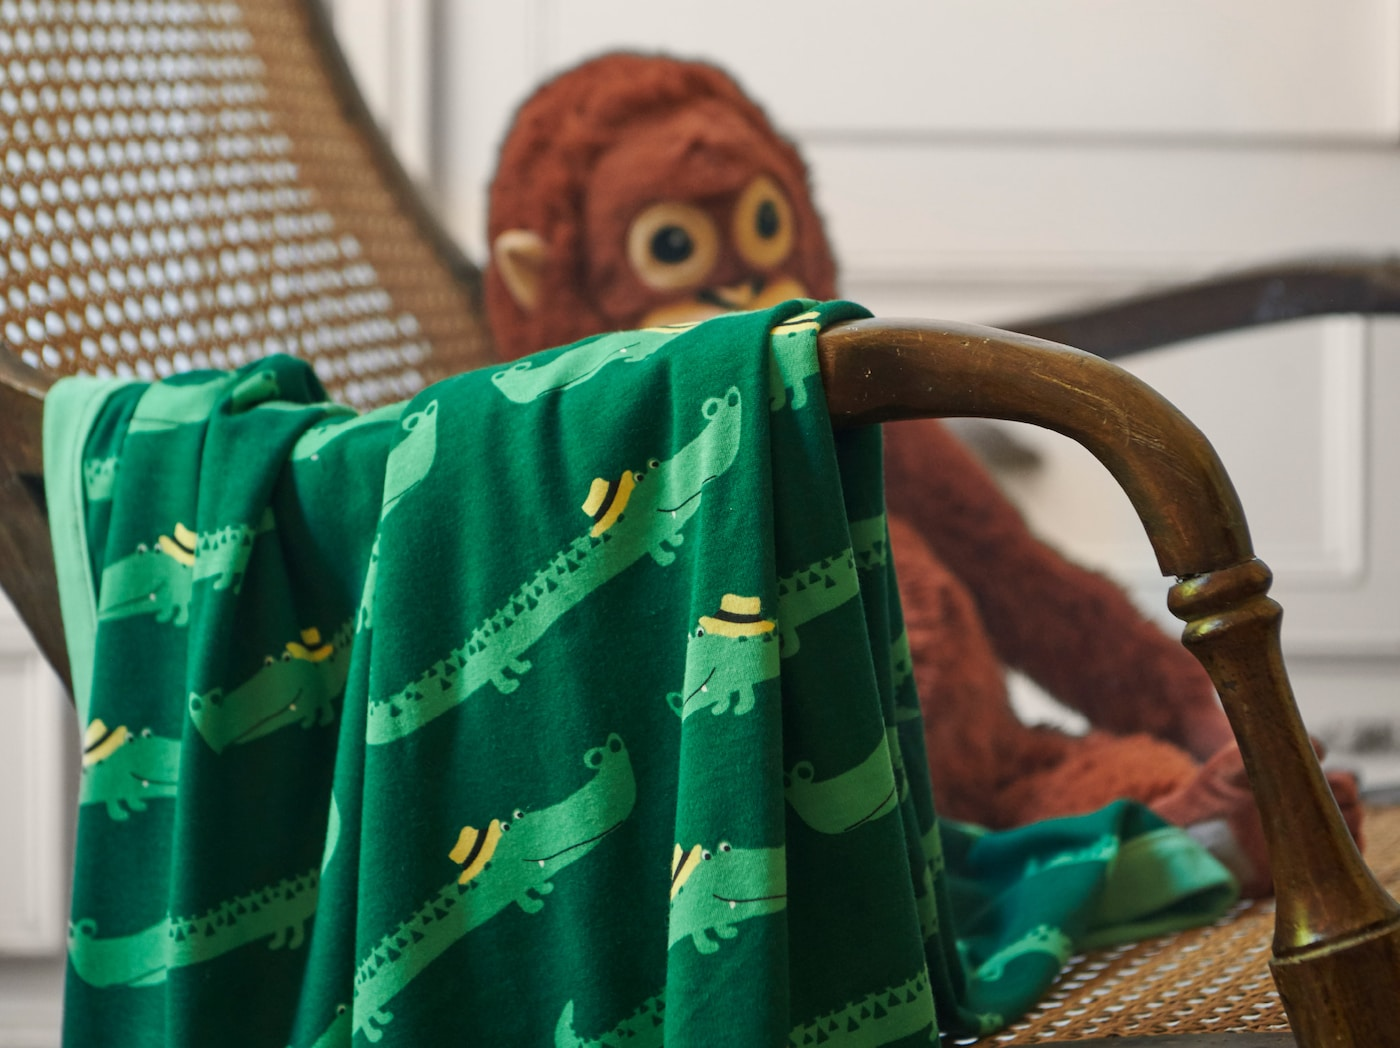 Nahaufnahme einer RÖRANDE Decke mit freundlichen Krokodilen auf grünem Untergrund. Die Decke liegt auf einem Weidenstuhl.